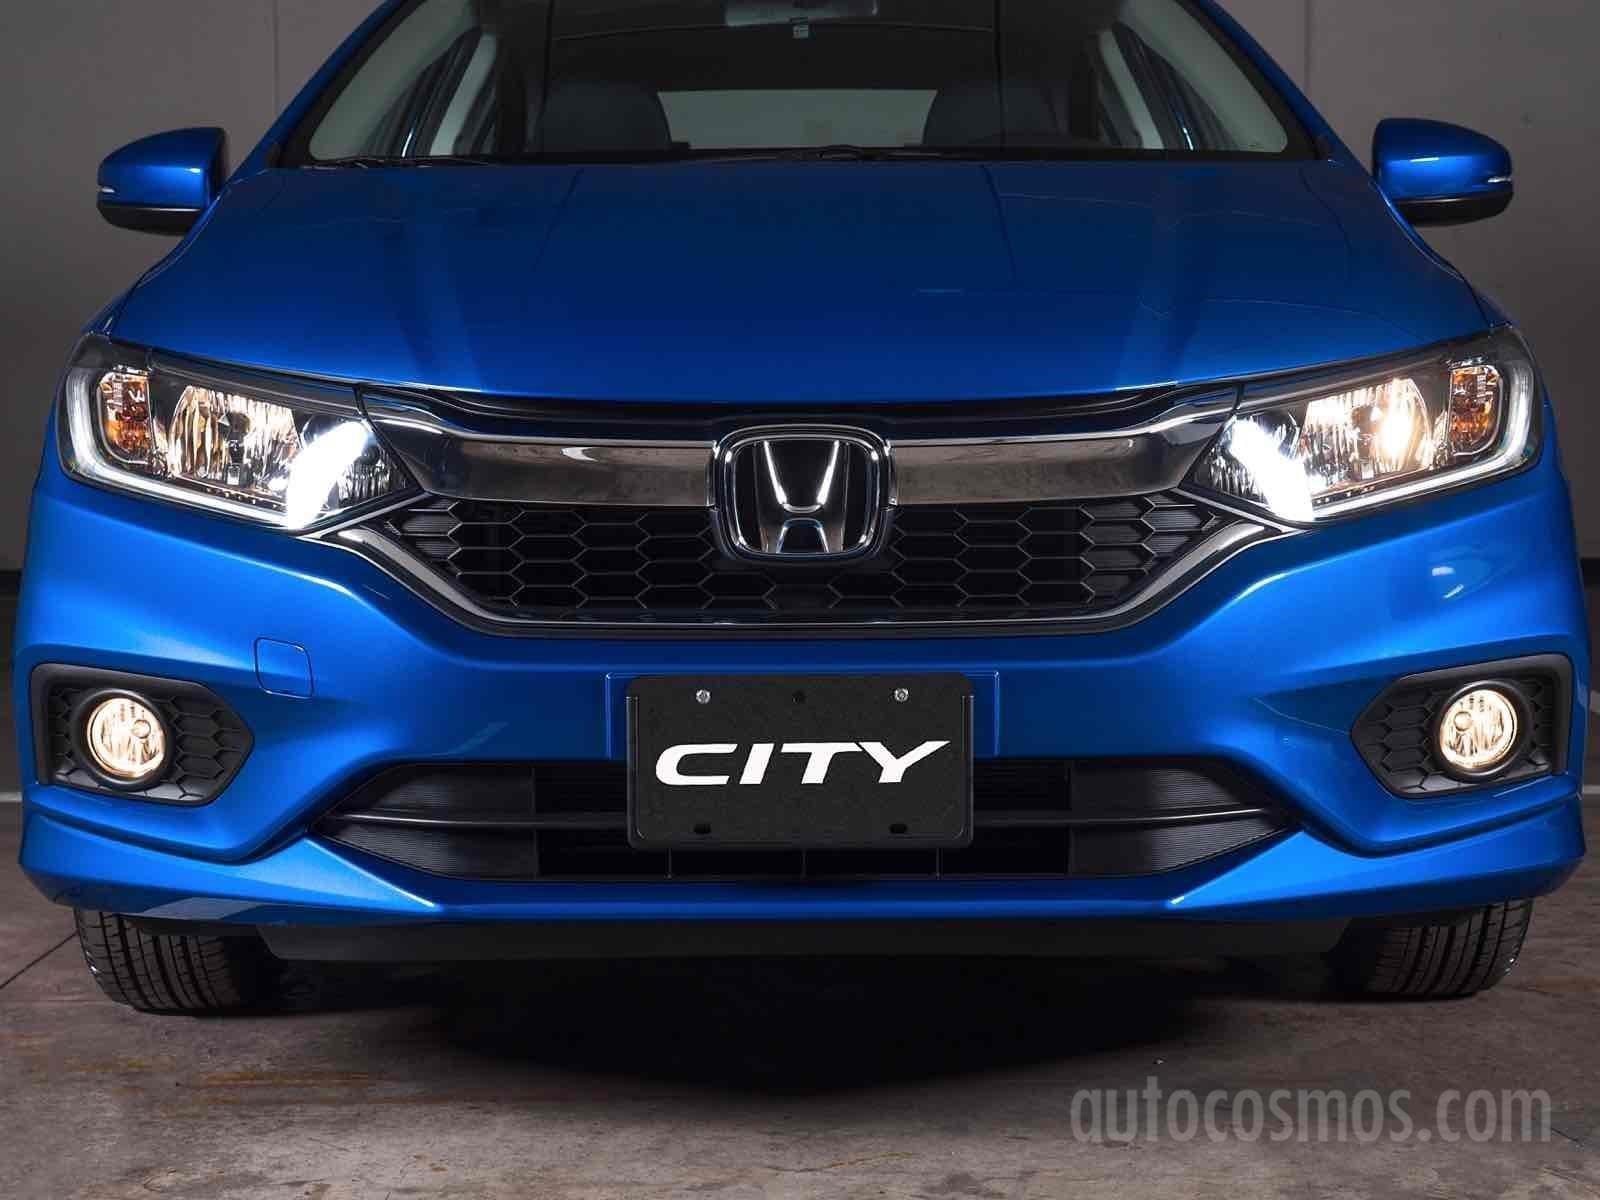 Honda City 2018 llega a México desde $249,900 pesos - Autocosmos.com